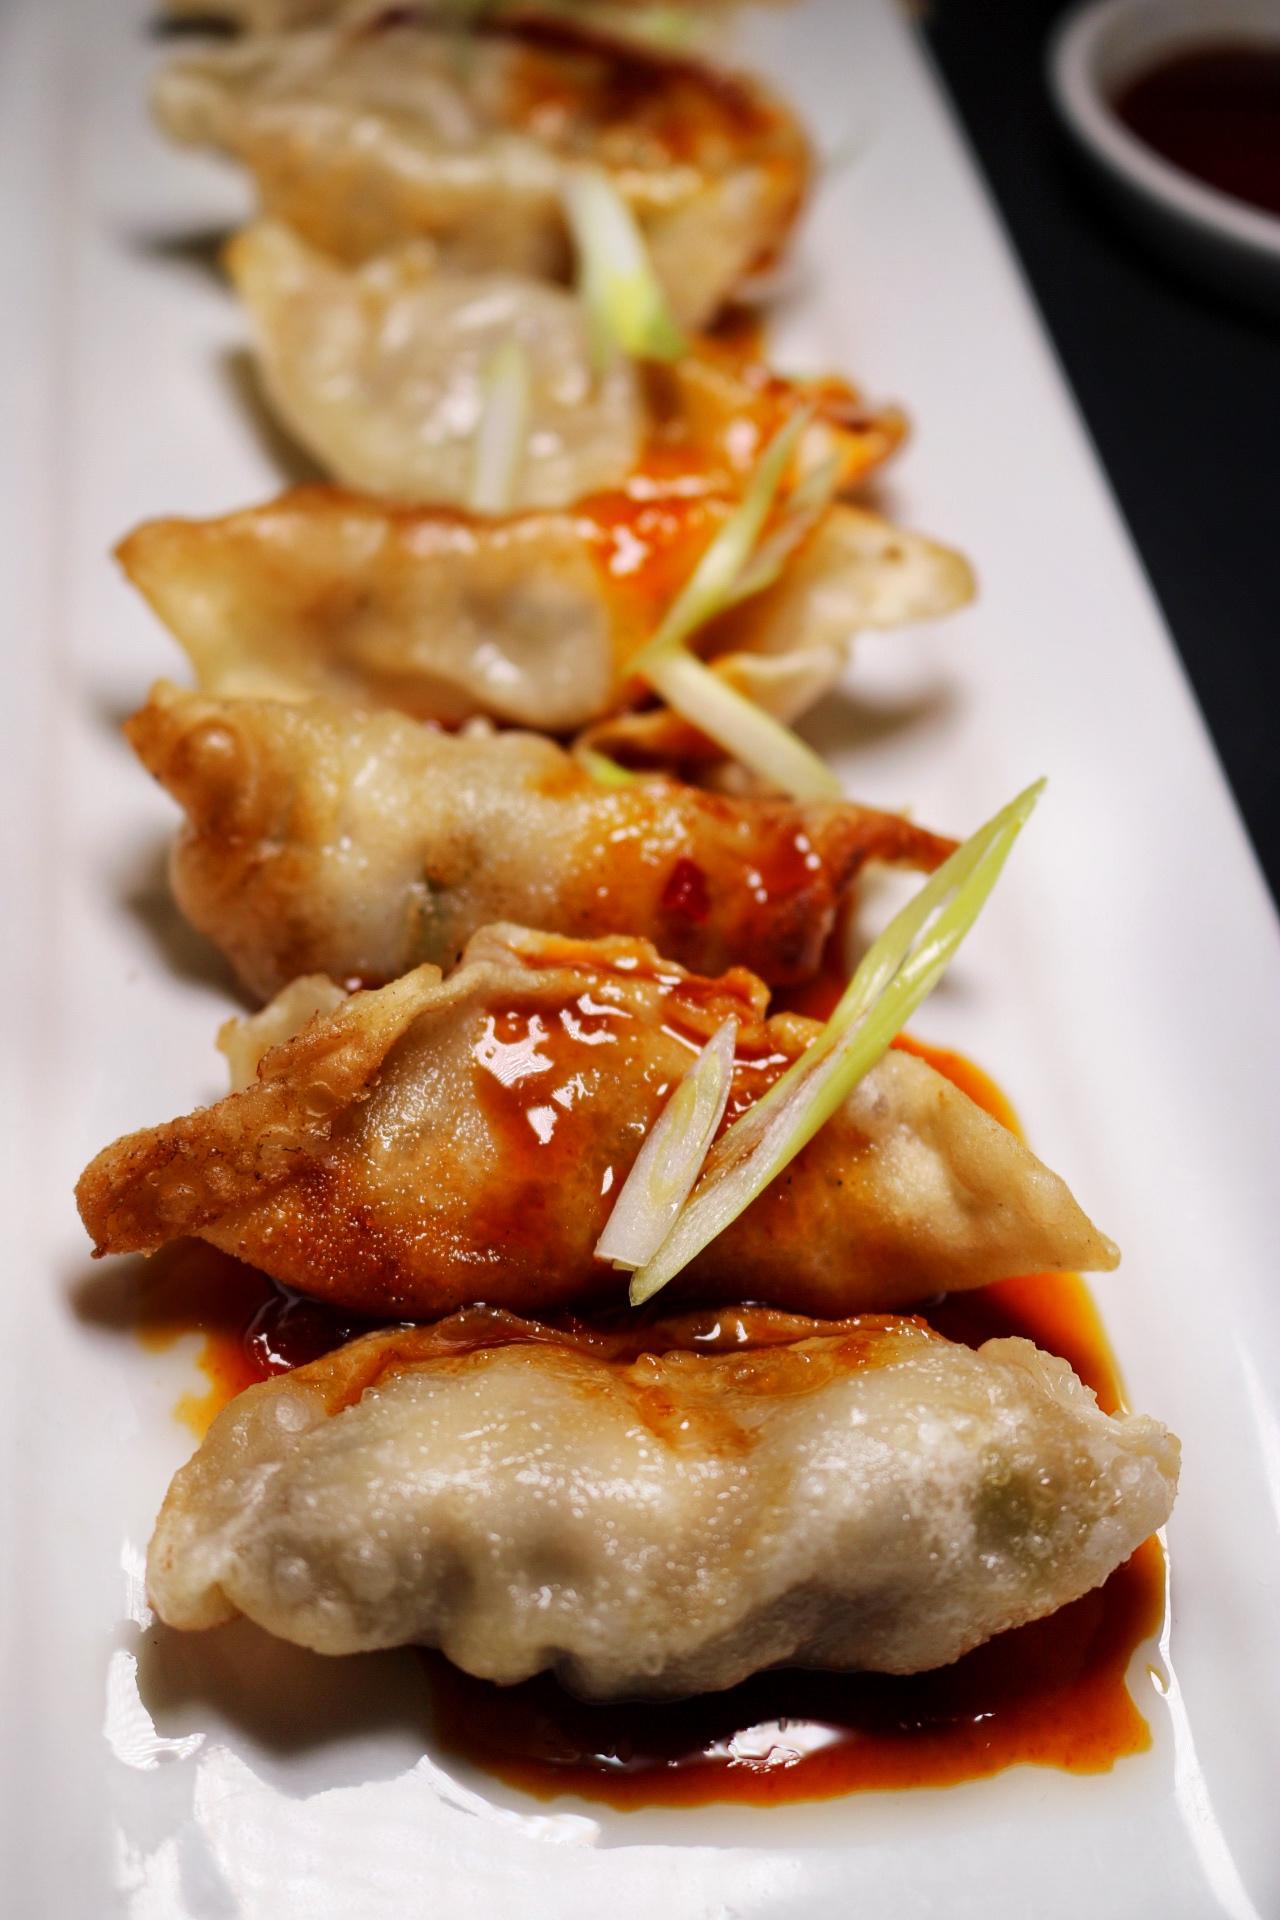 Red Lantern -Dumplings